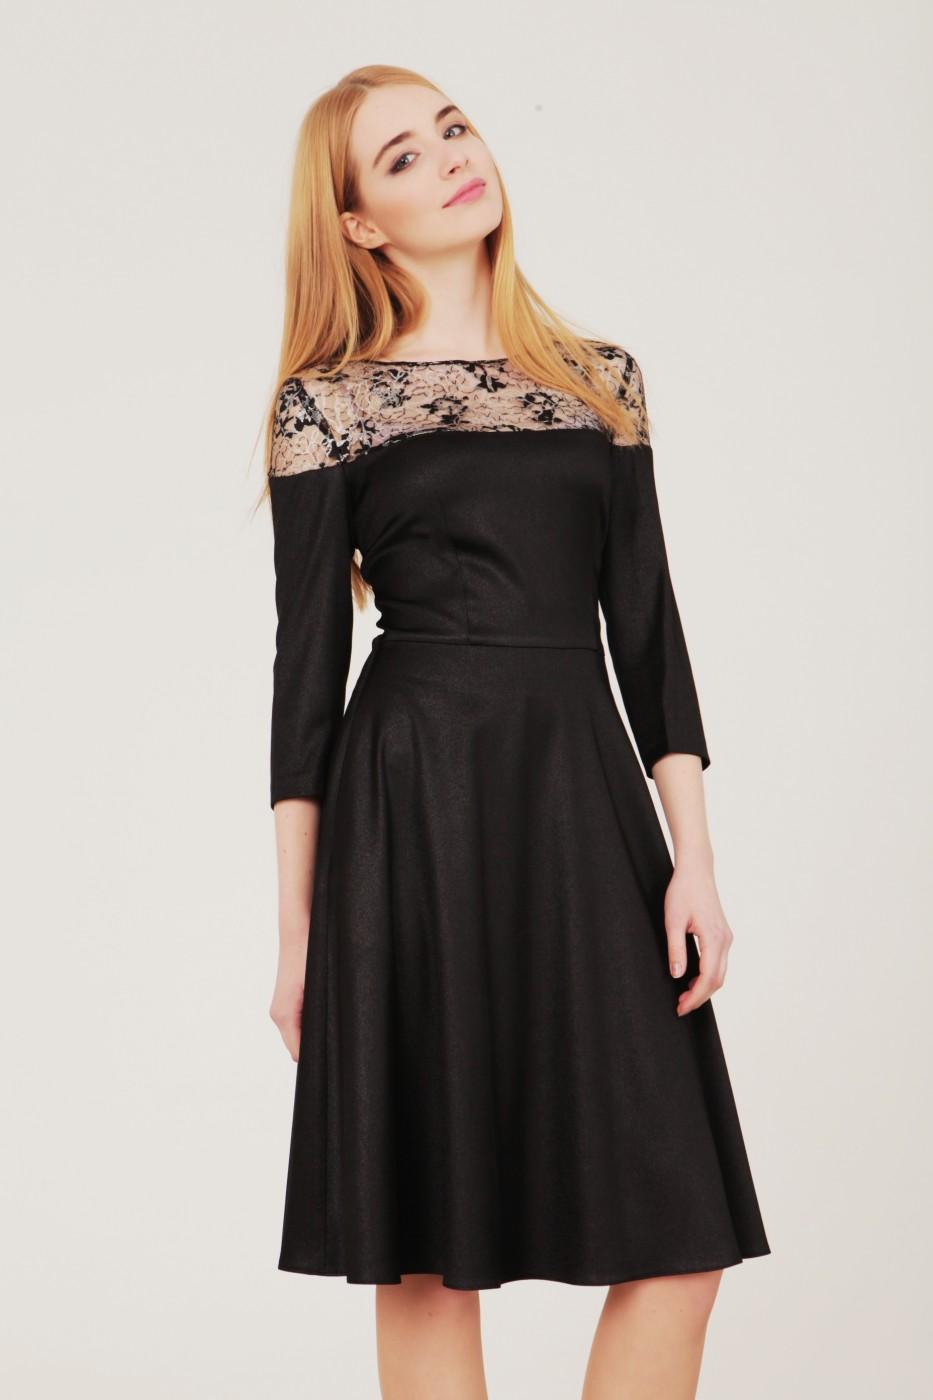 7fa8f8f5871 Платье Платье 15183 Св 49 Гпю 2 цвета от